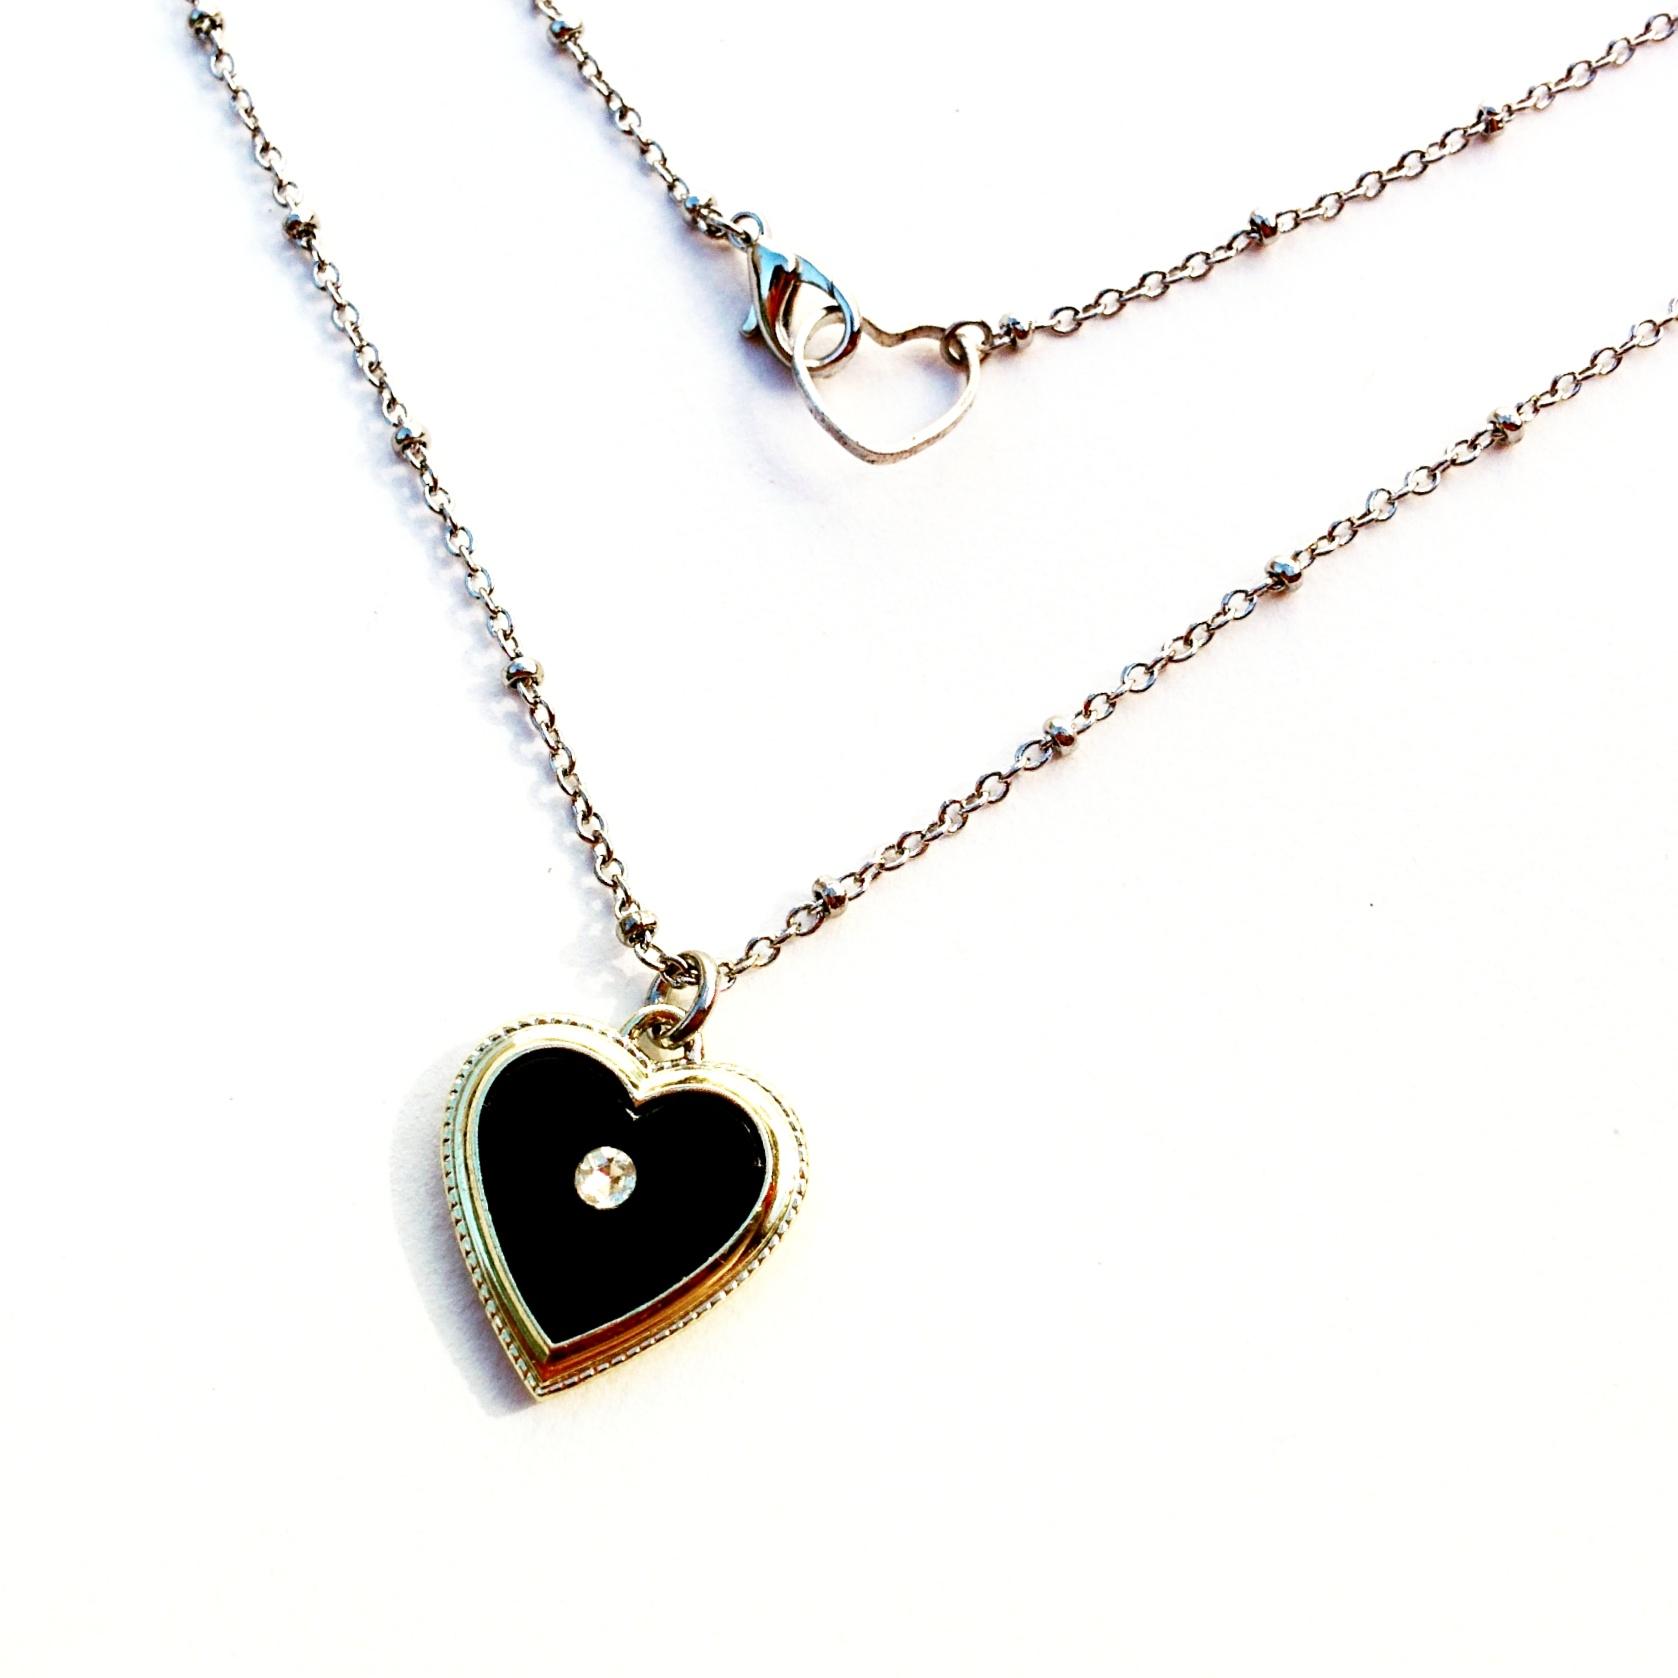 Mini black heart pendant